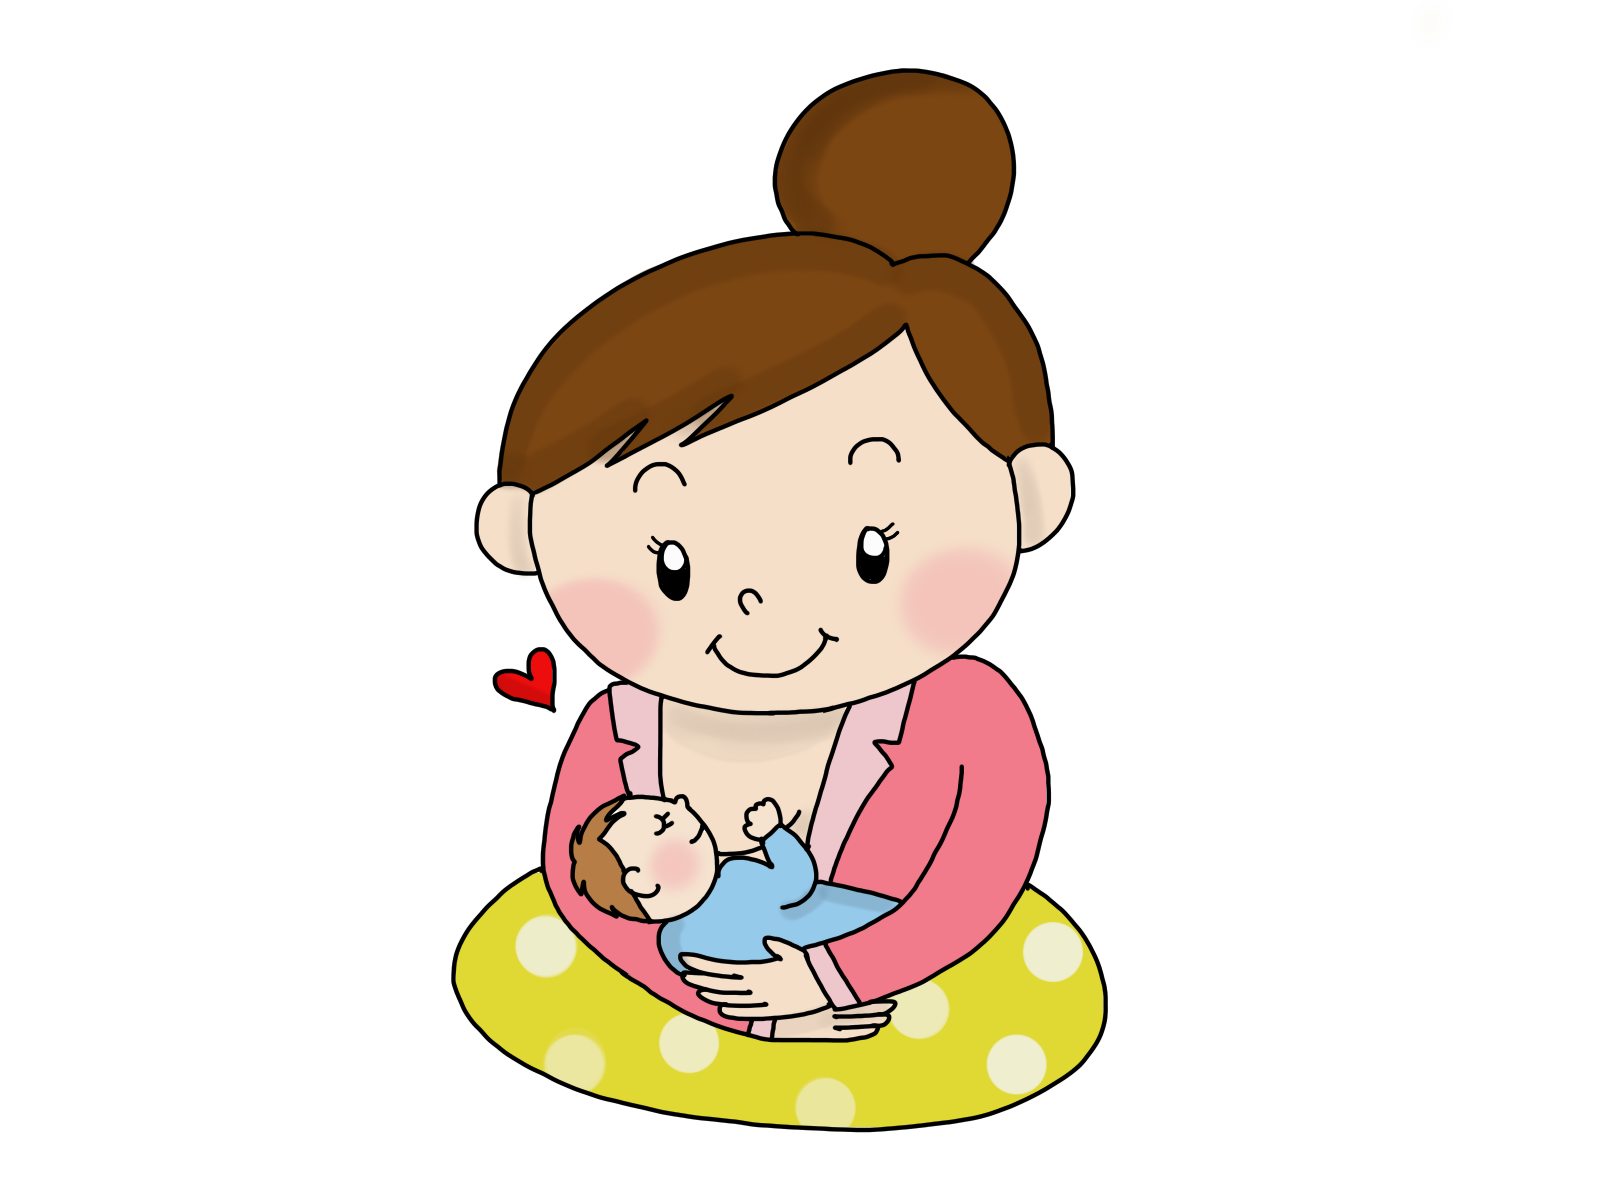 母の摂取したピーナッツは、母乳中に分泌されているか?